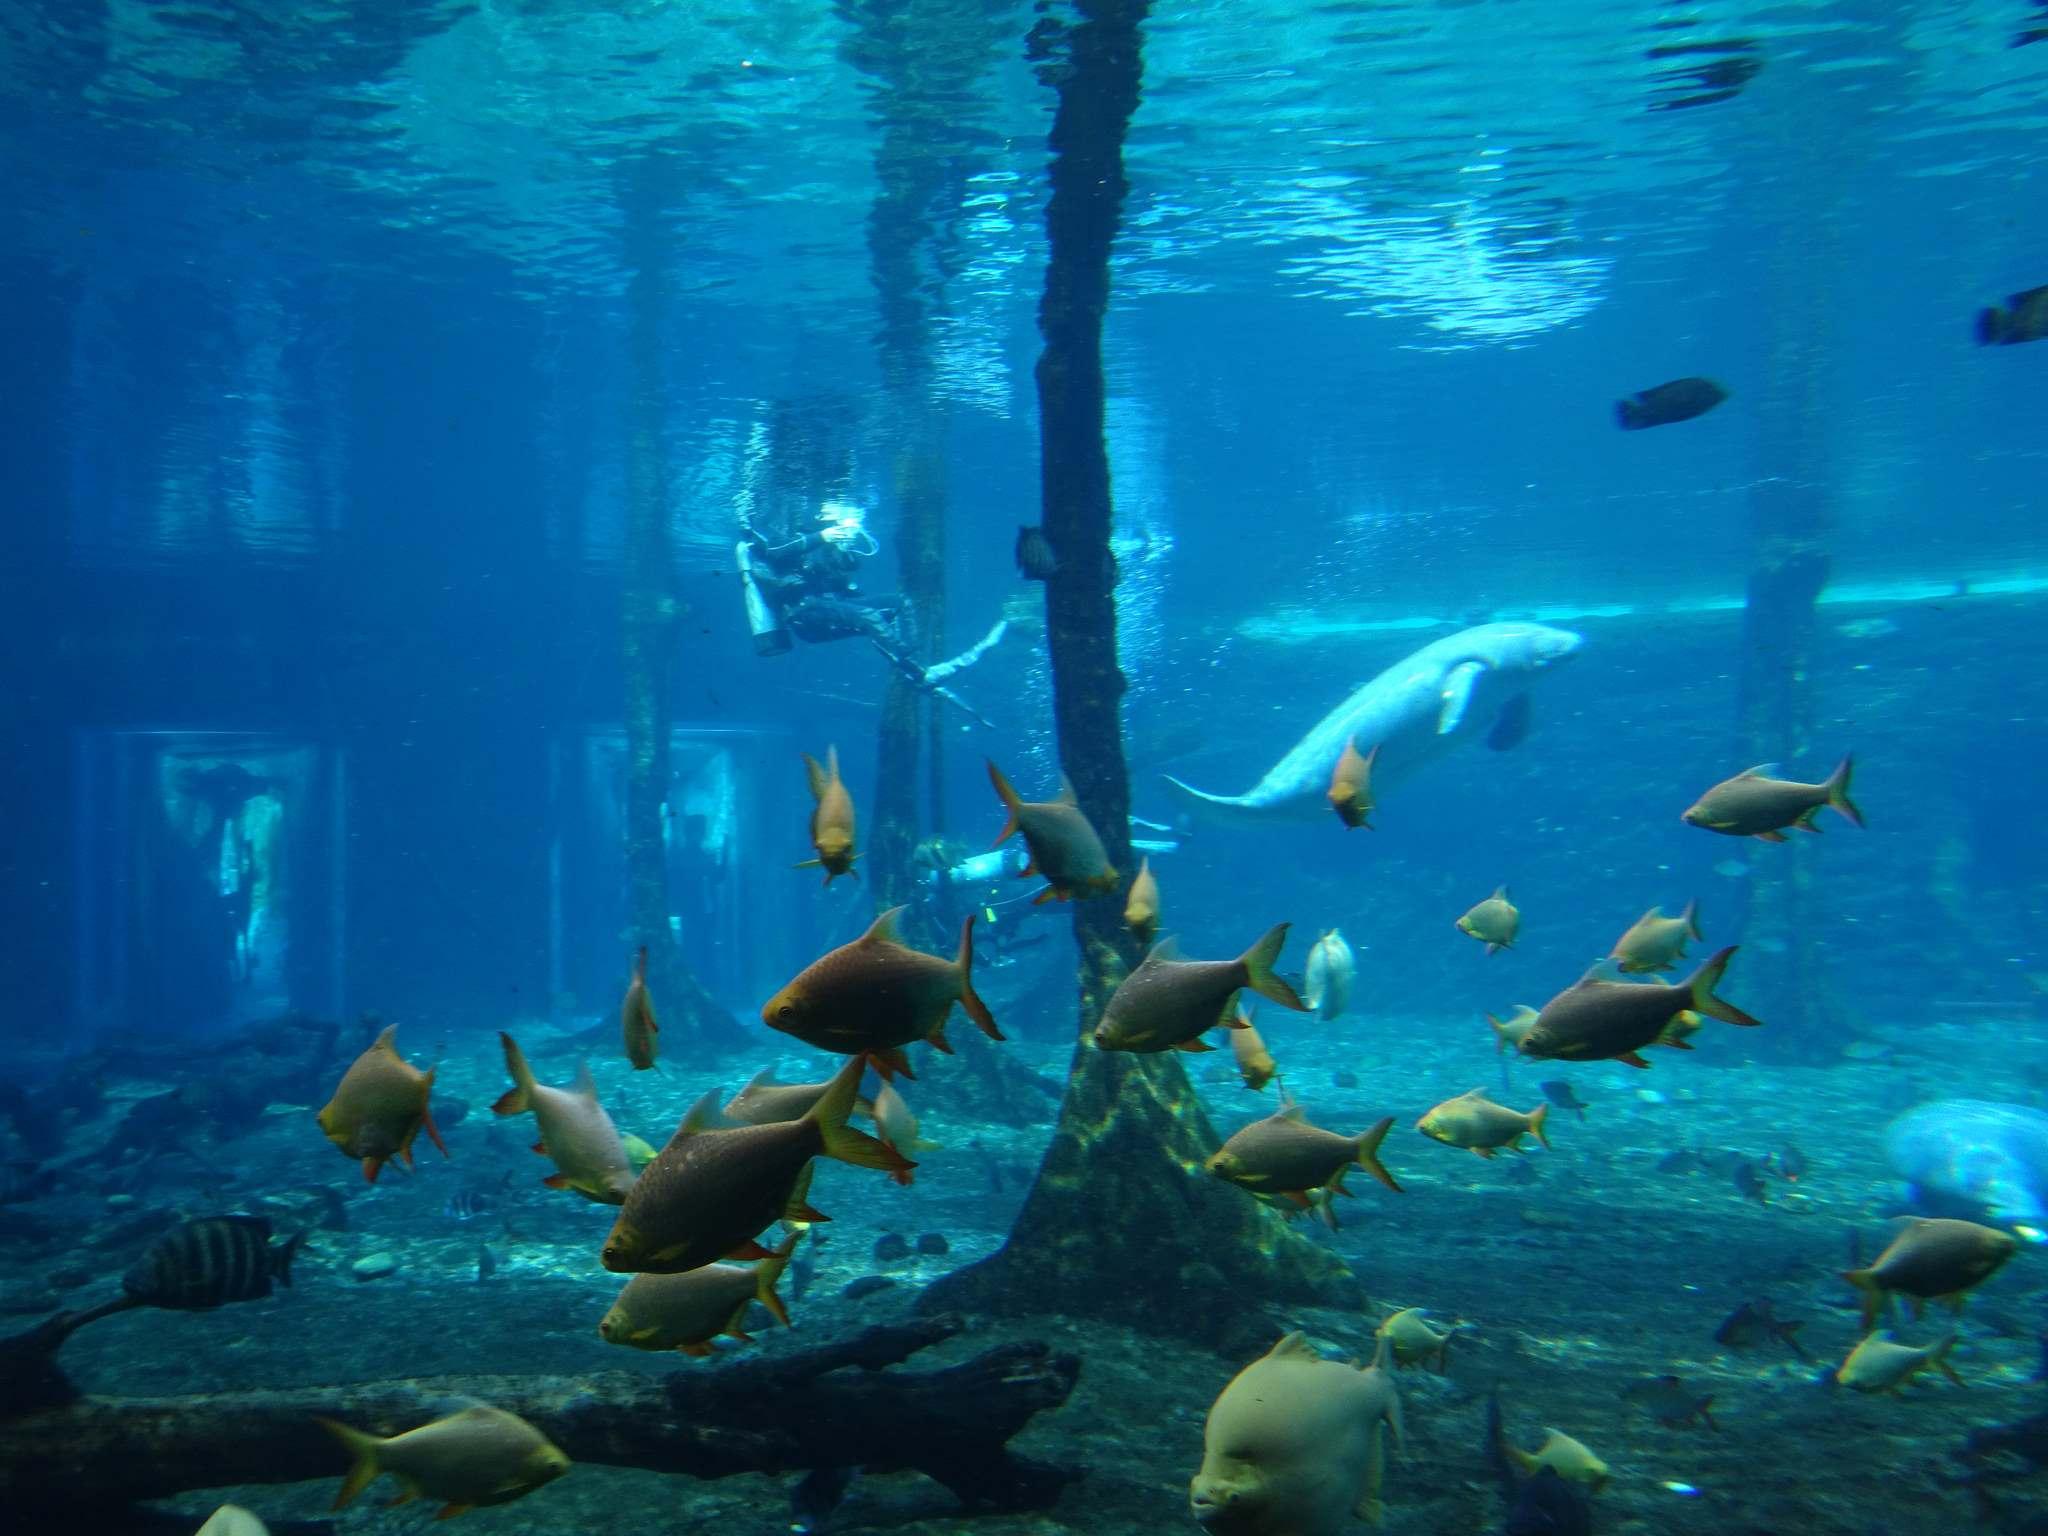 chimelong ocean kingdom12 Chimelong Ocean Kingdom   Worlds Largest Aquarium